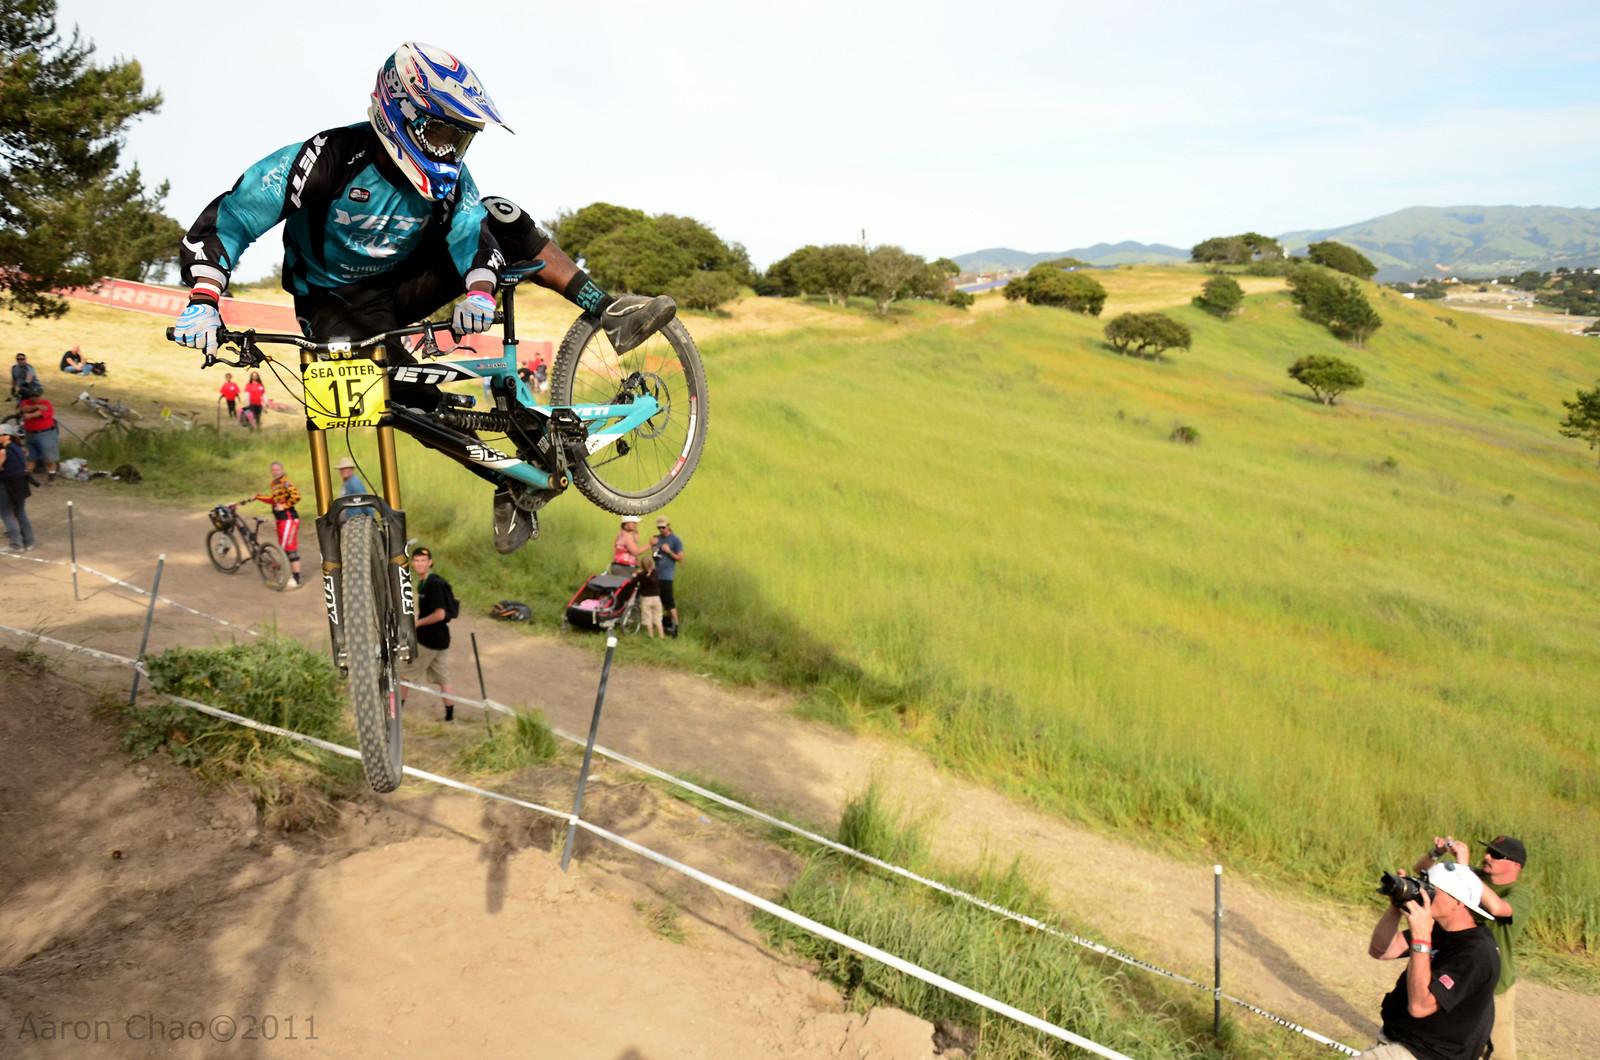 Eliot Jackson's Moto Whip  - Aaron_Chao - Mountain Biking Pictures - Vital MTB